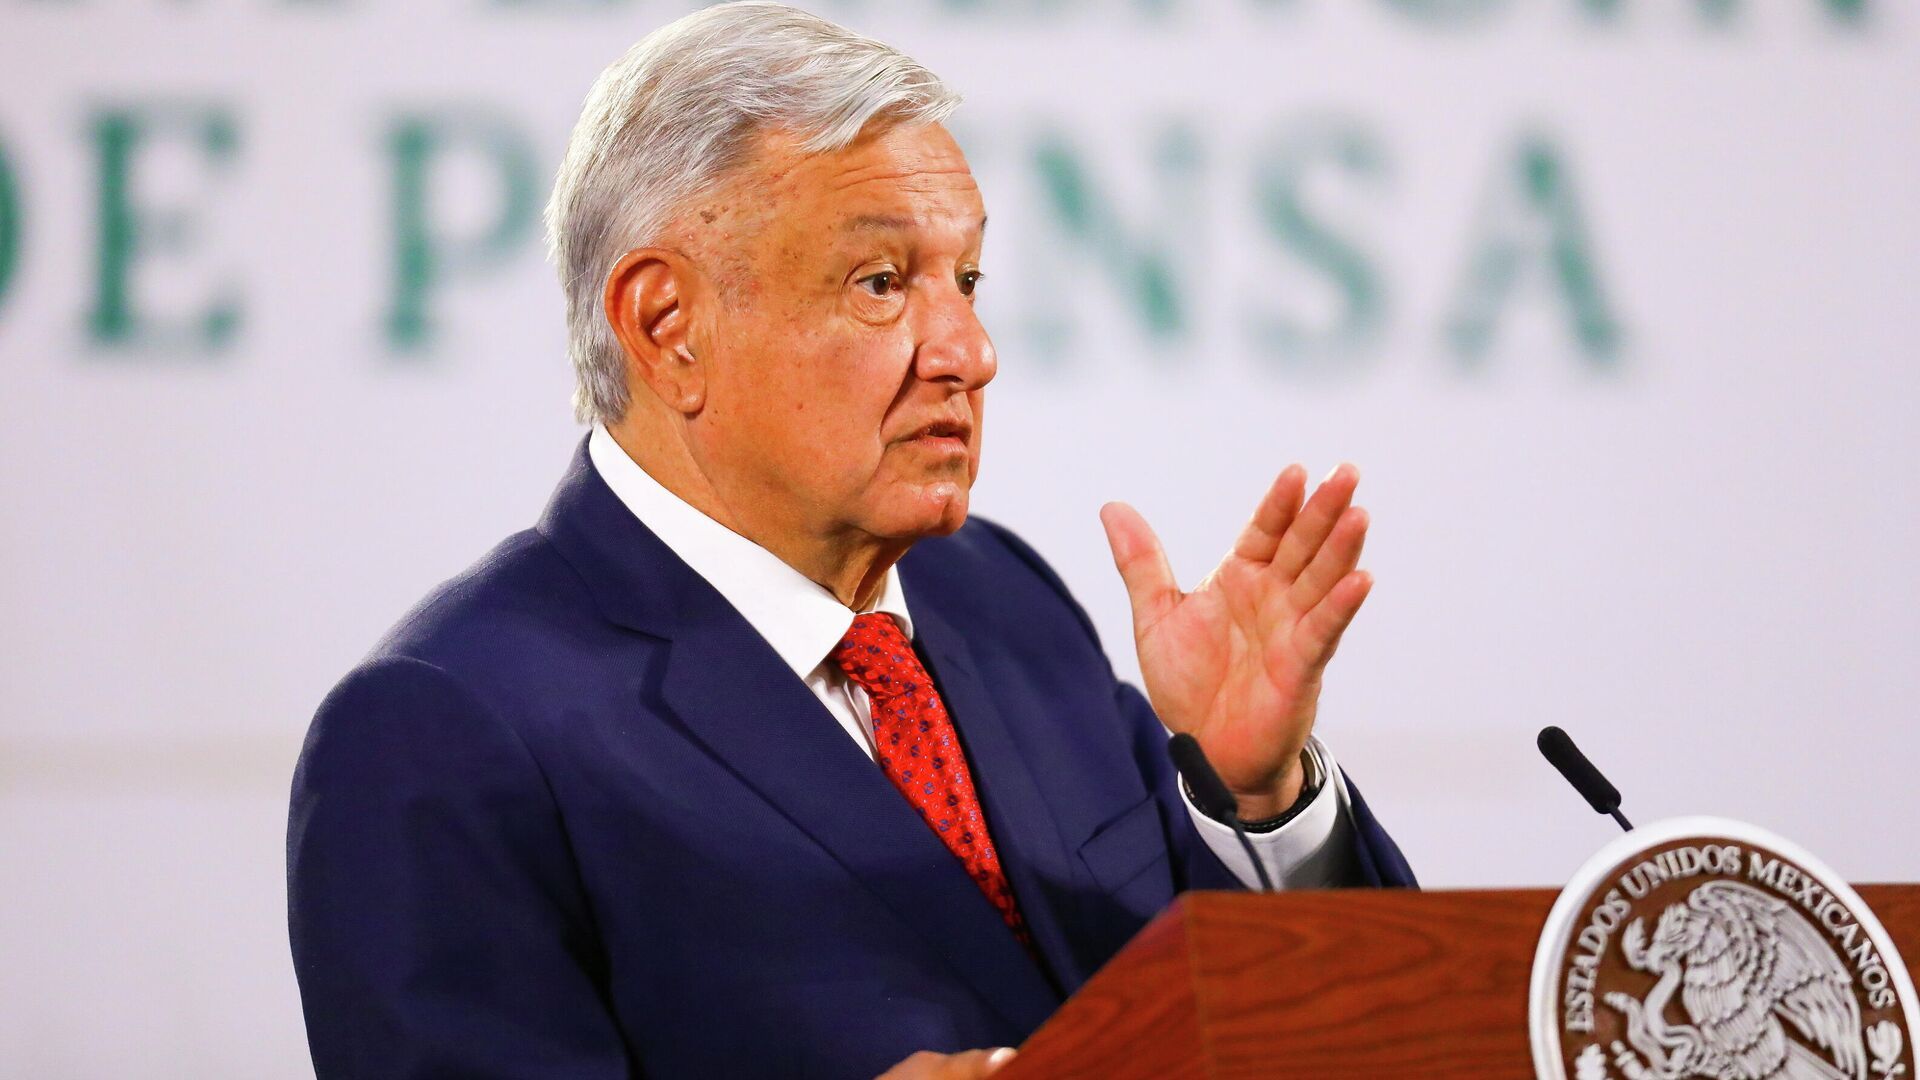 Andrés Manuel López Obrador, presidente de México - Sputnik Mundo, 1920, 26.04.2021